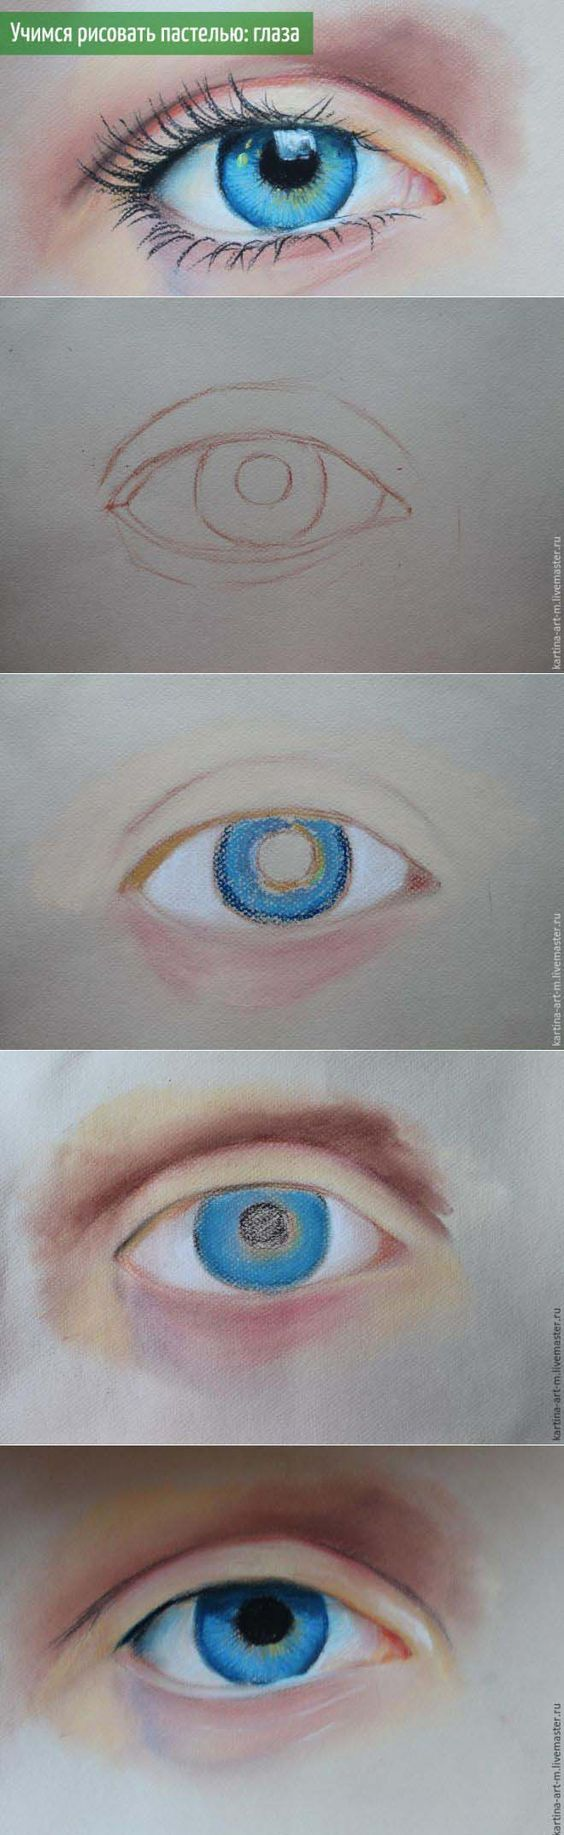 Рисуем глаз пастелью #painting #drawing #crayon #tutorial: